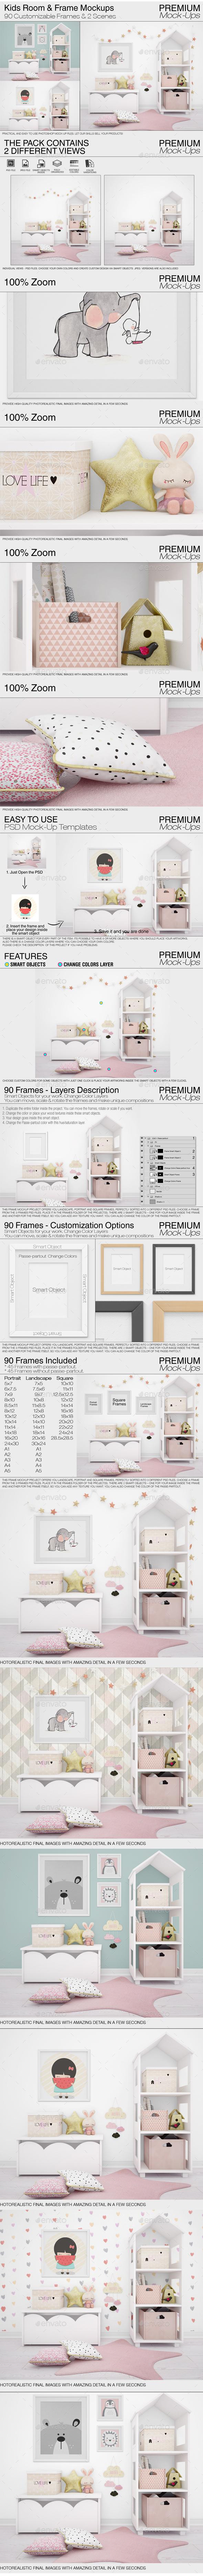 GraphicRiver Kids Room & Frame Mockups 21066983